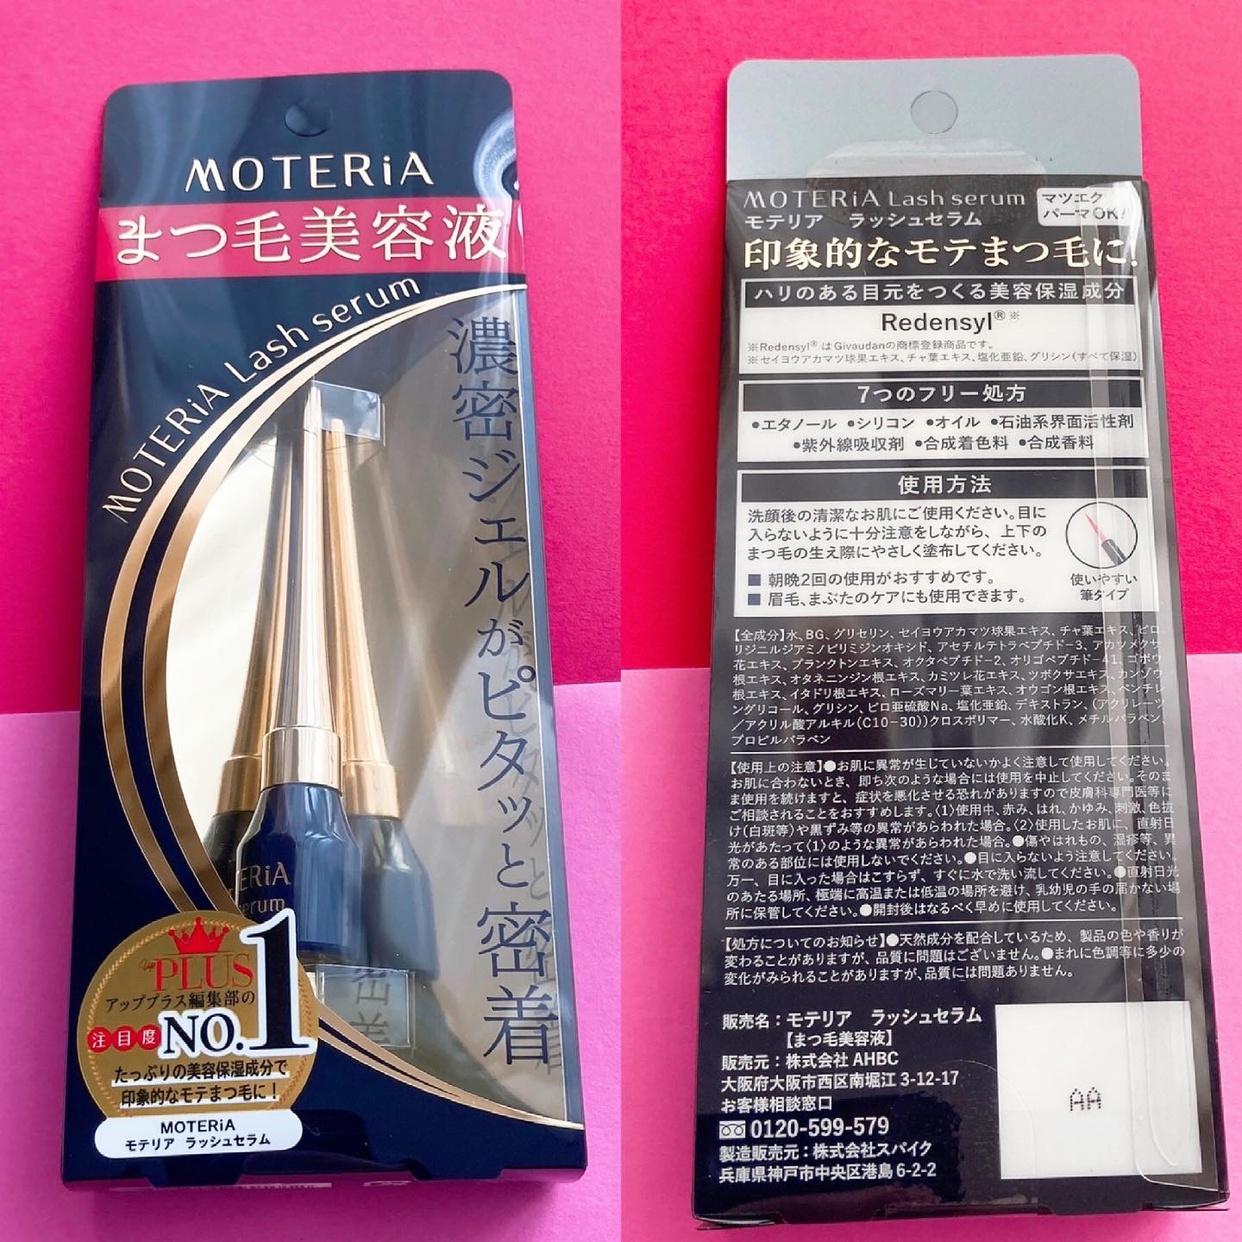 MOTERiA(モテリア) まつげ美容液を使ったyunaさんのクチコミ画像2